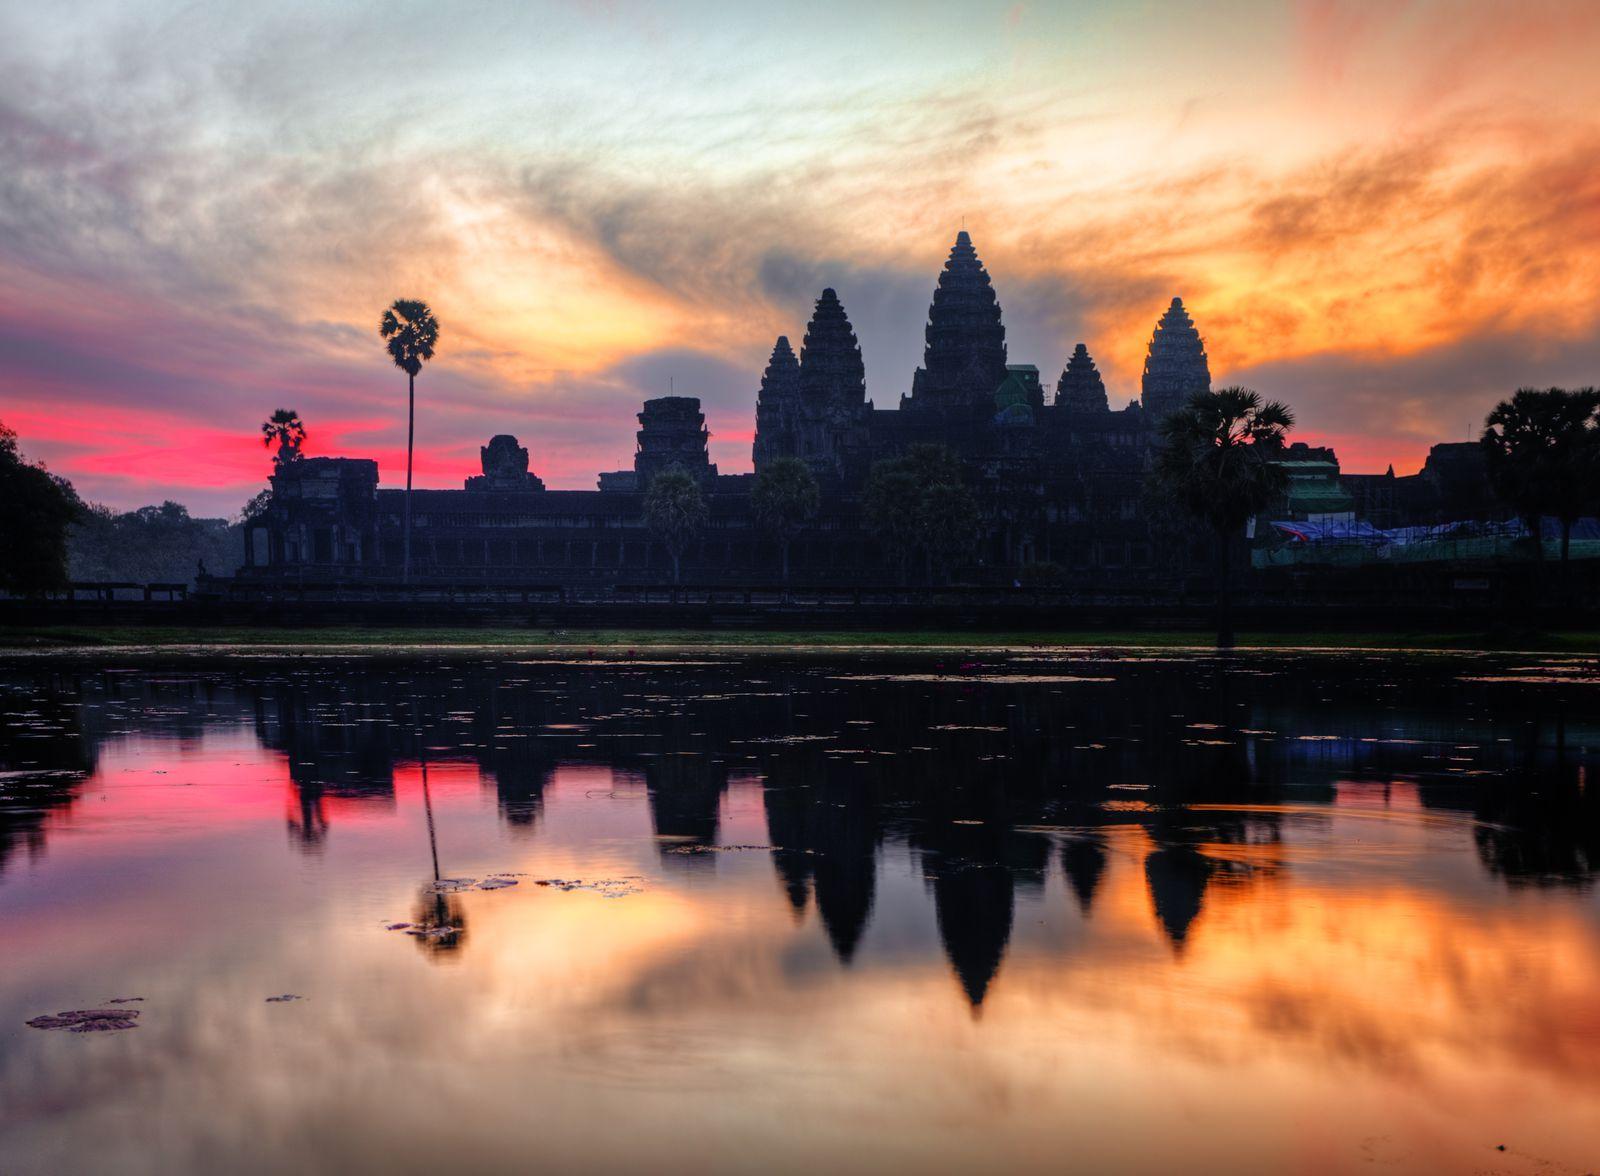 アンコール遺跡を満喫!遺跡観光&食事&スパ付きの贅沢カンボジアツアー